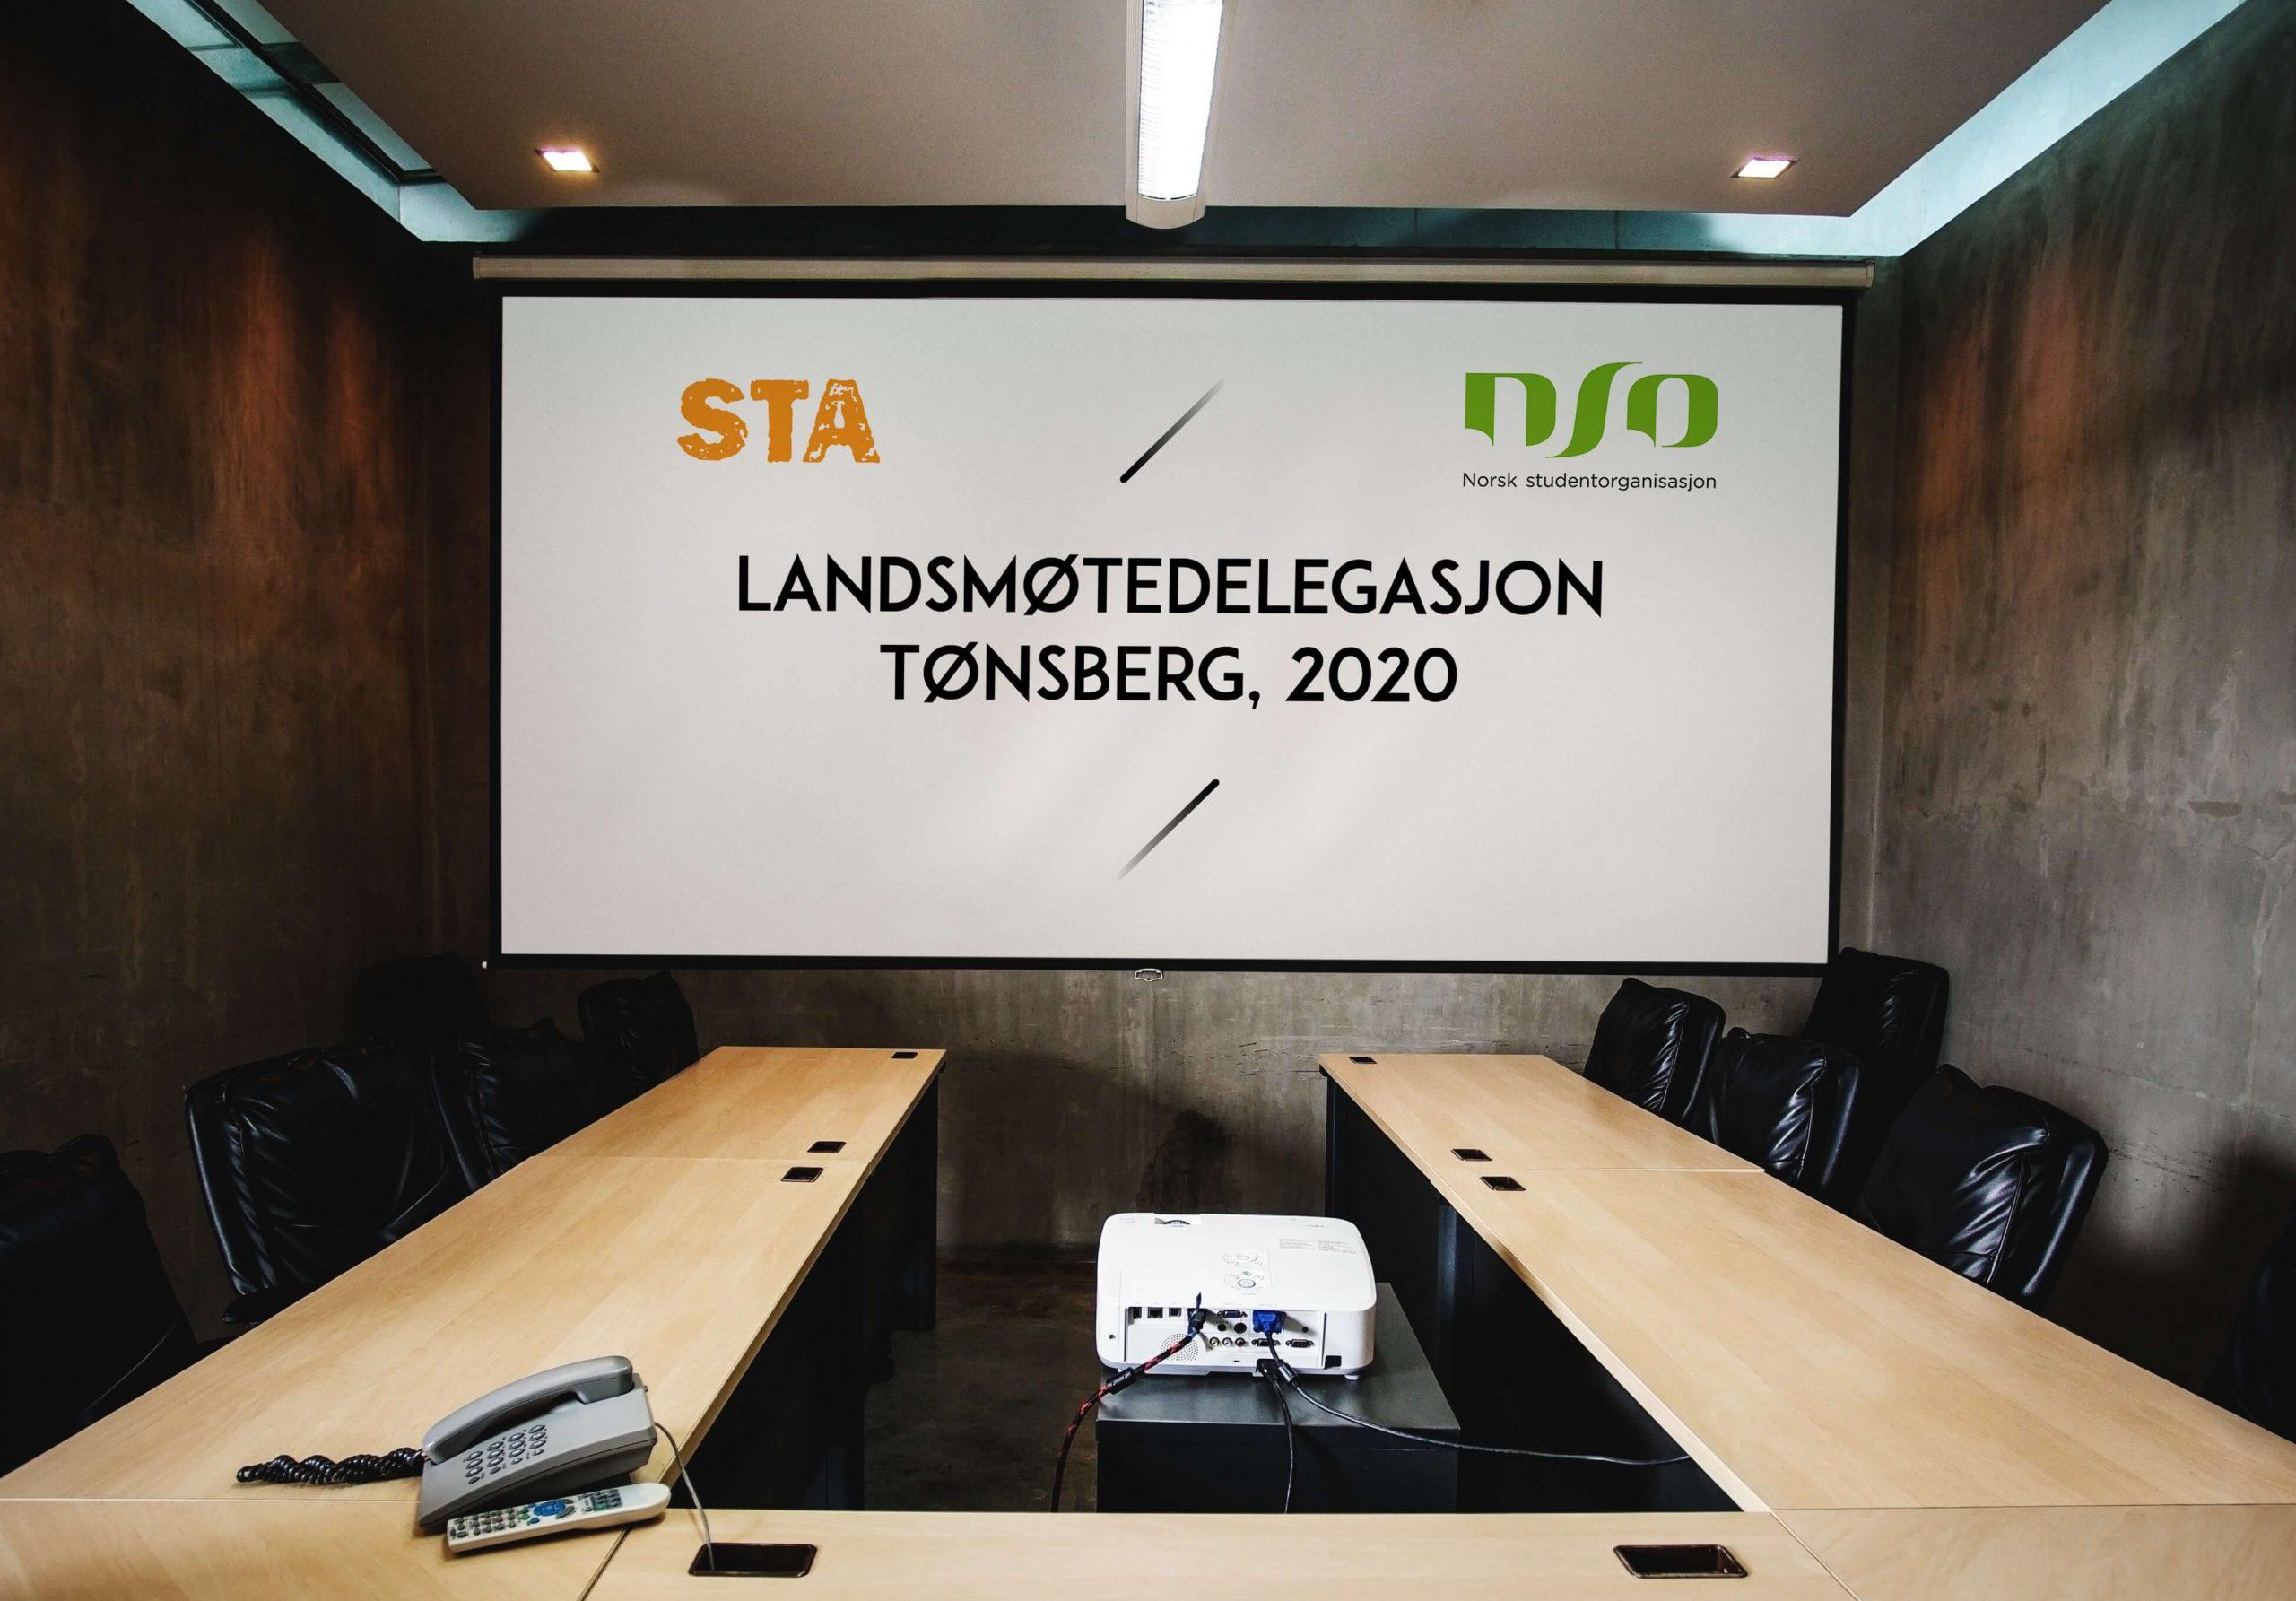 Representer UiA på landsmøtet til Norsk studentorganisasjon (18 ledige verv)